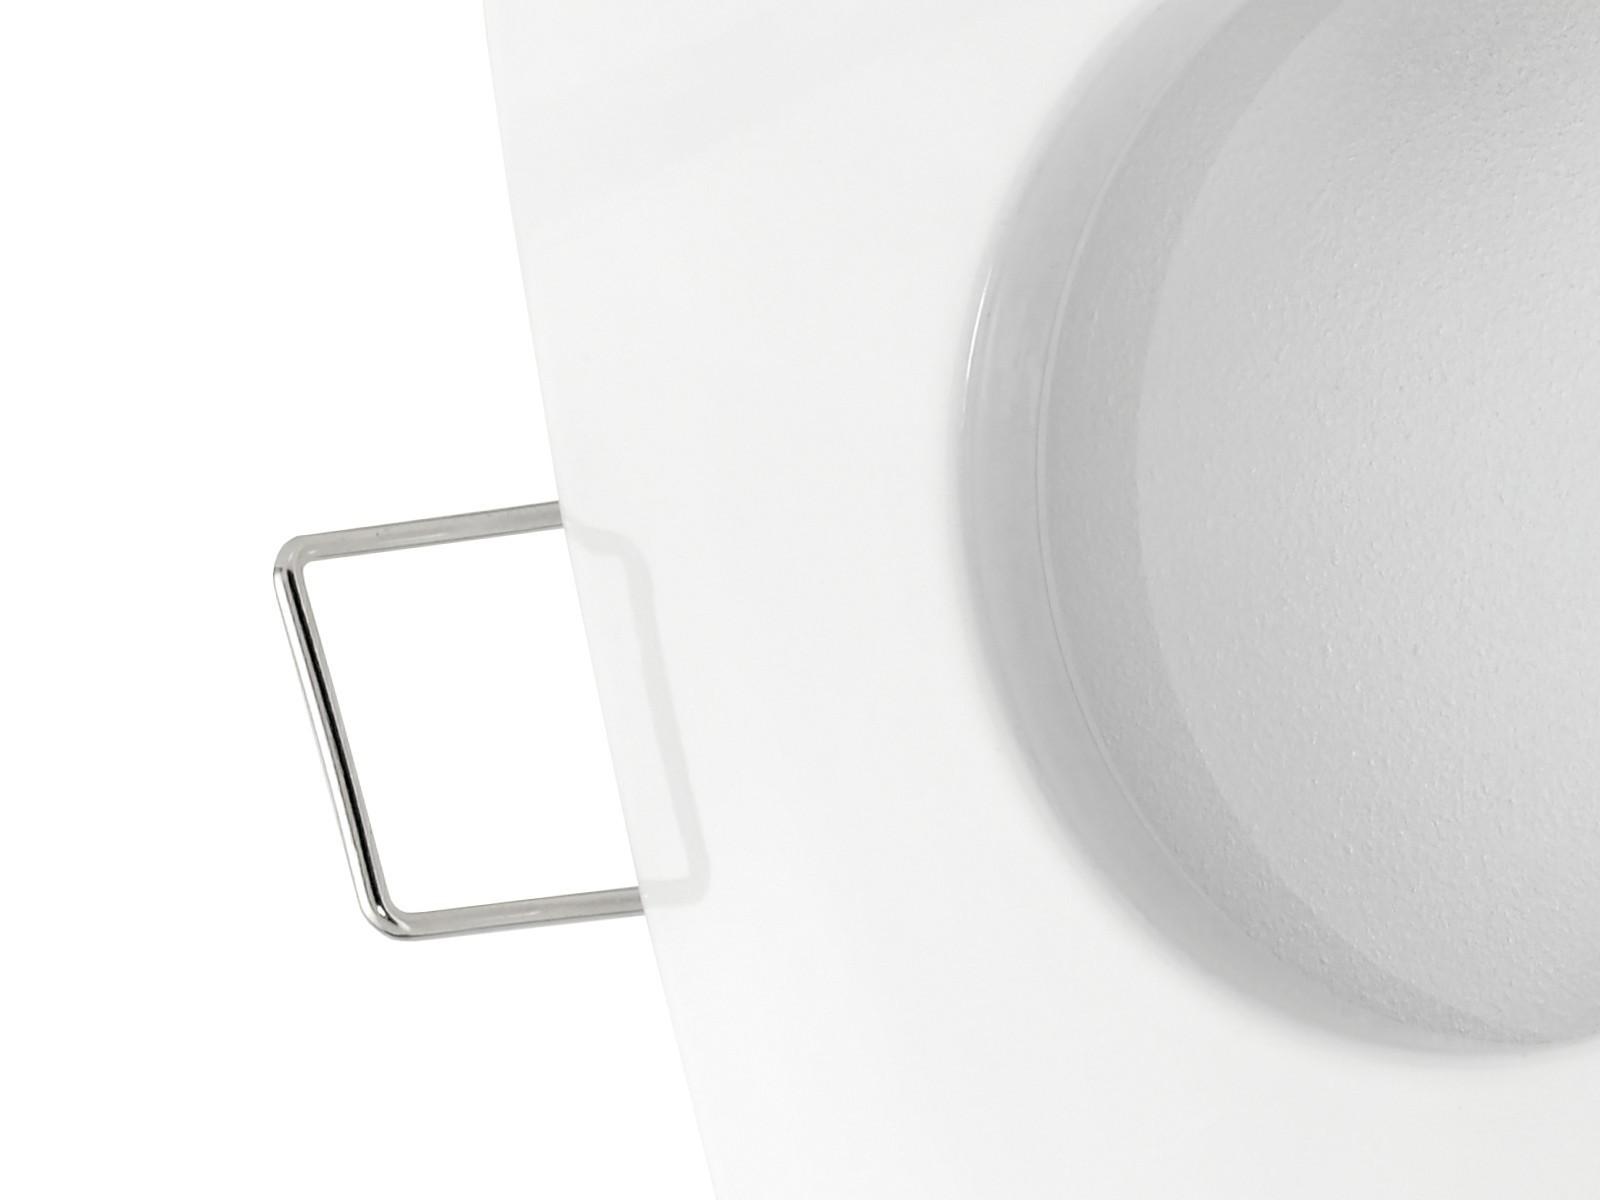 QW-1 LED-Einbaustrahler weiss, Bad Dusche Feuchtraum, IP65, 4,6W ...